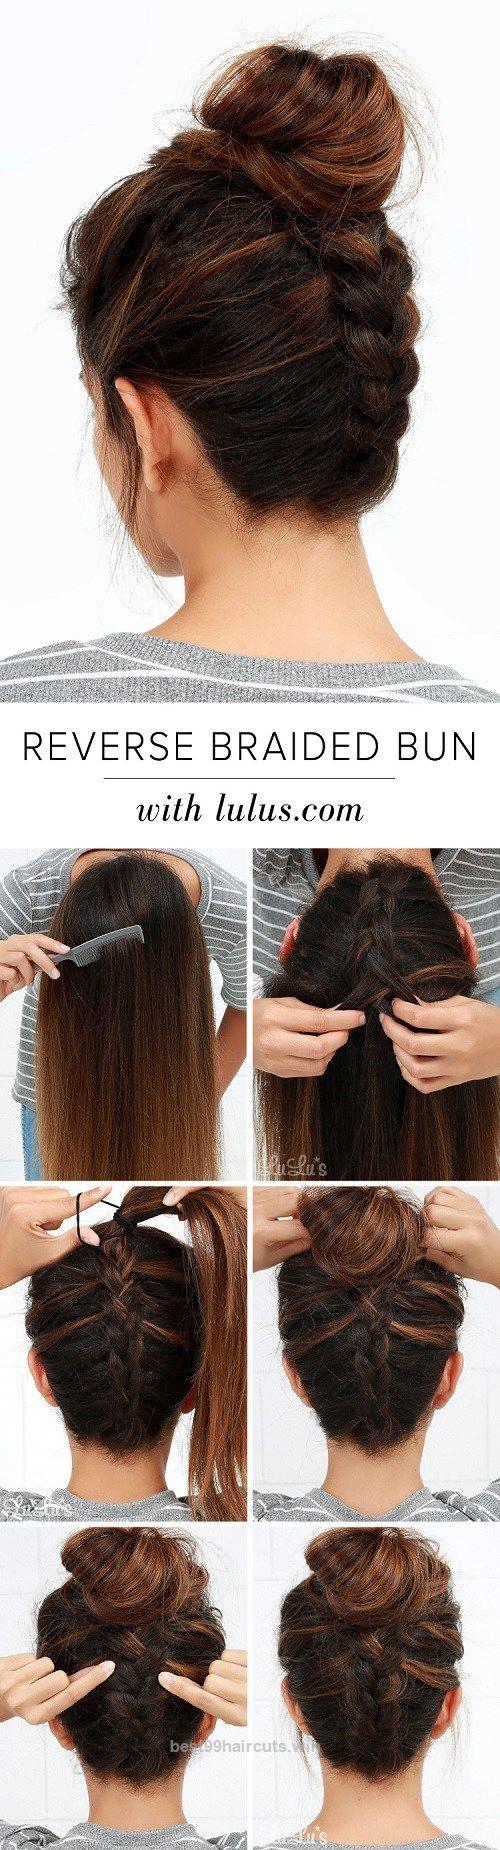 Upside Down Braid And Bun Tutorial Hair ideas A tutorial you can